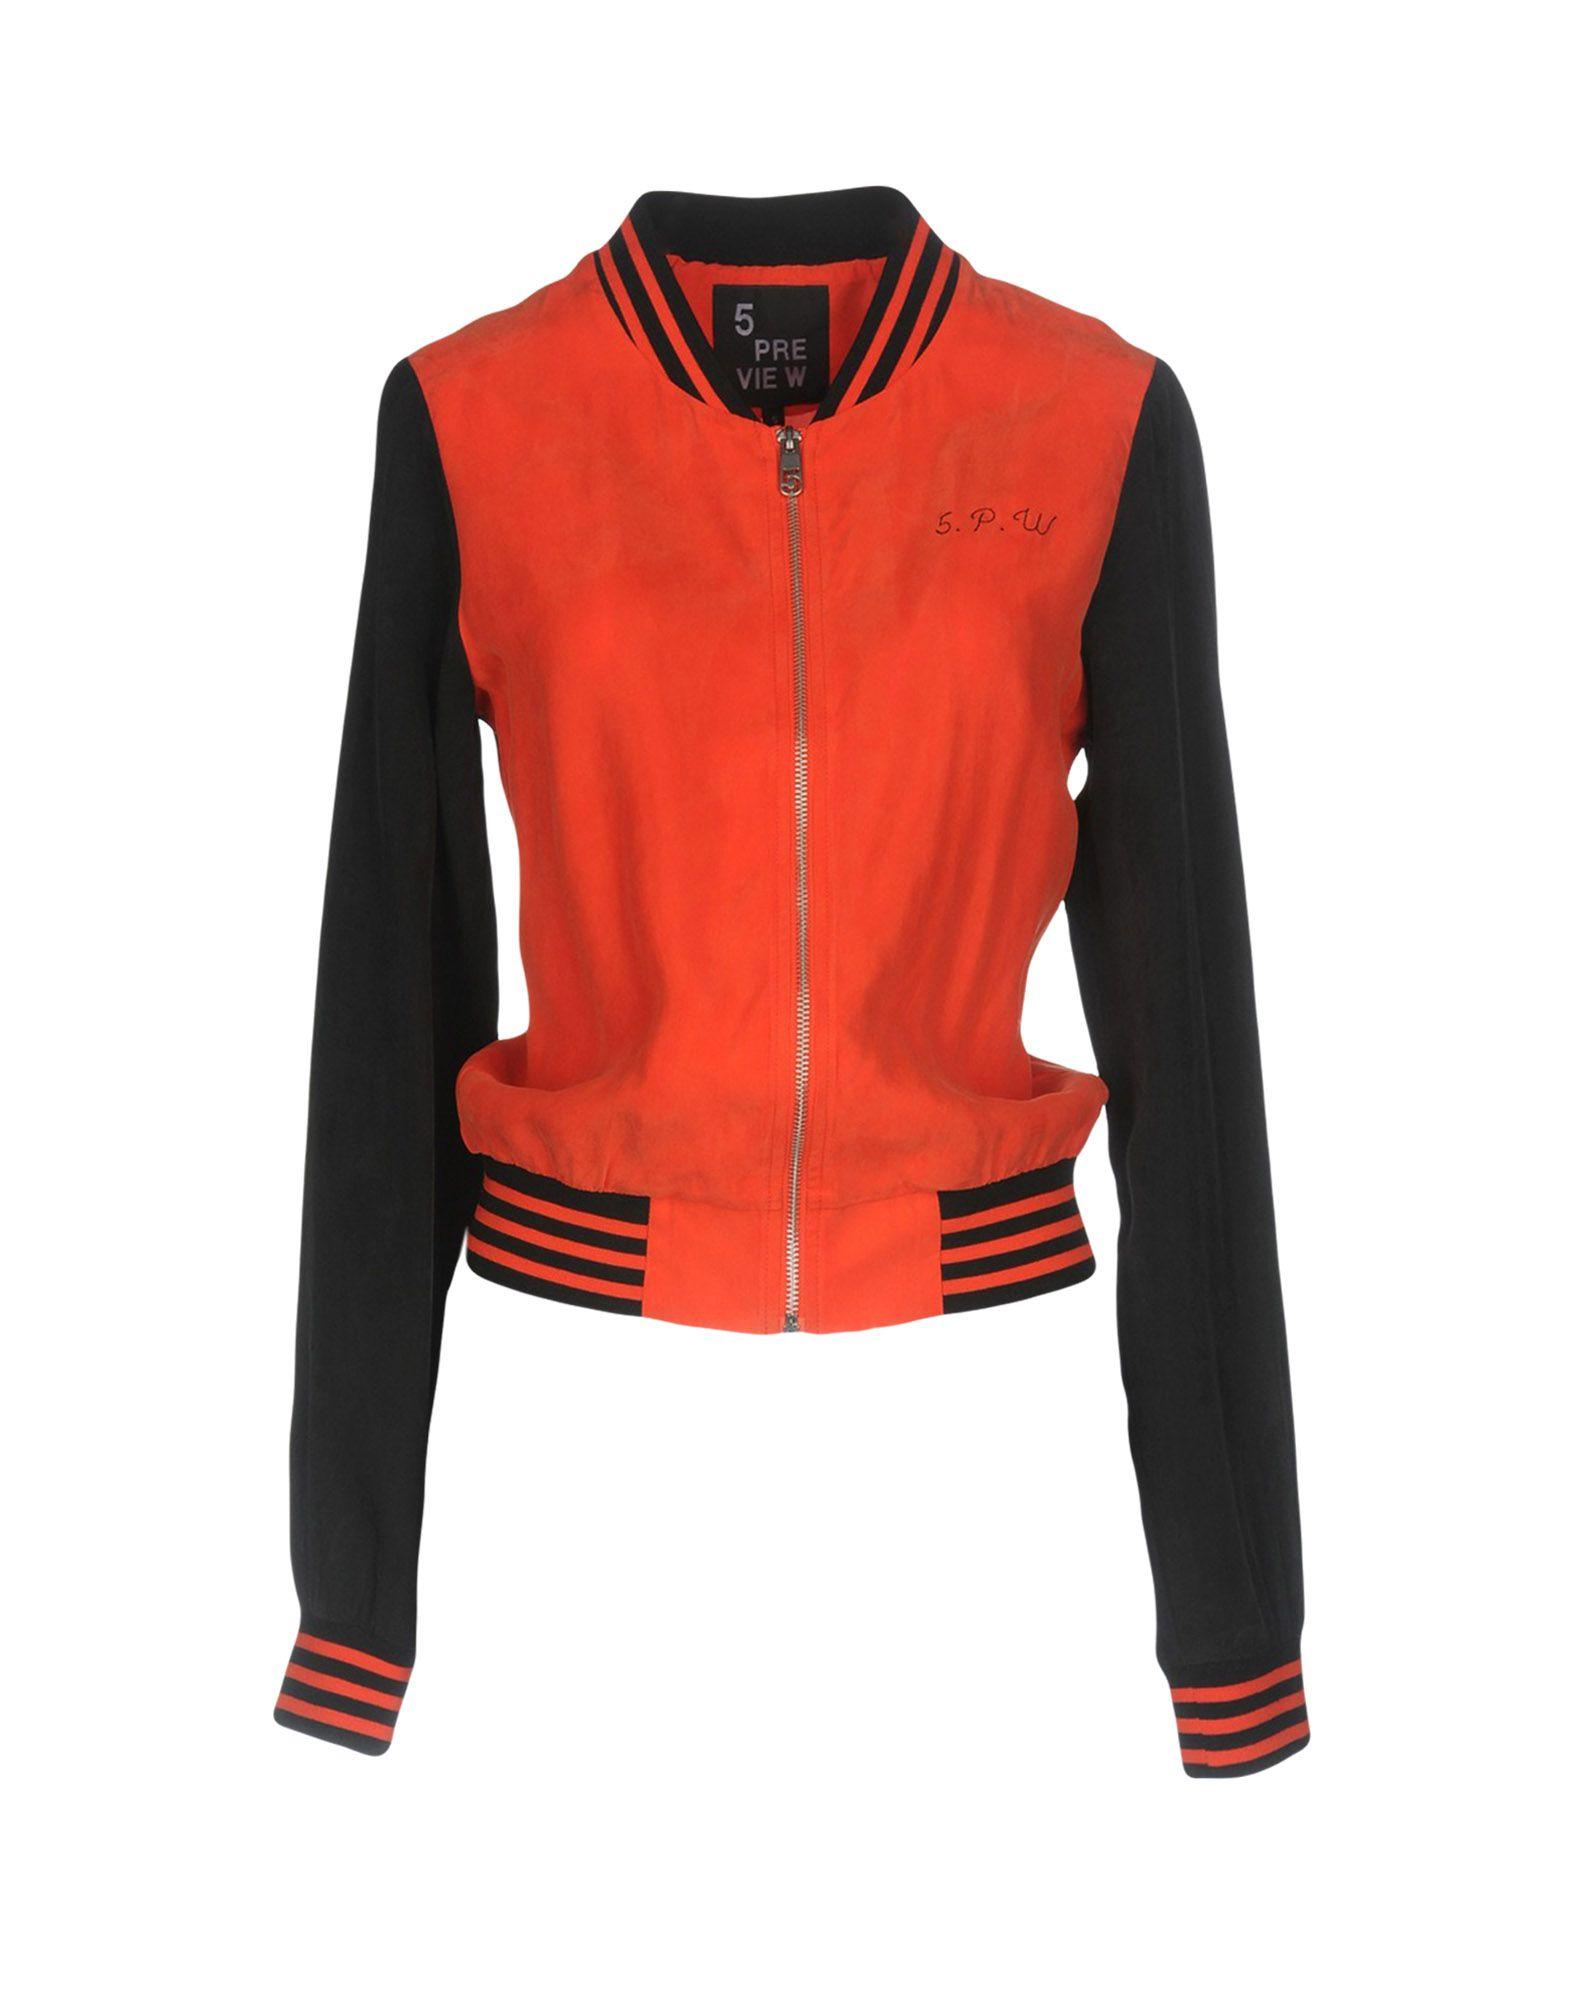 ФОТО 5preview Куртка